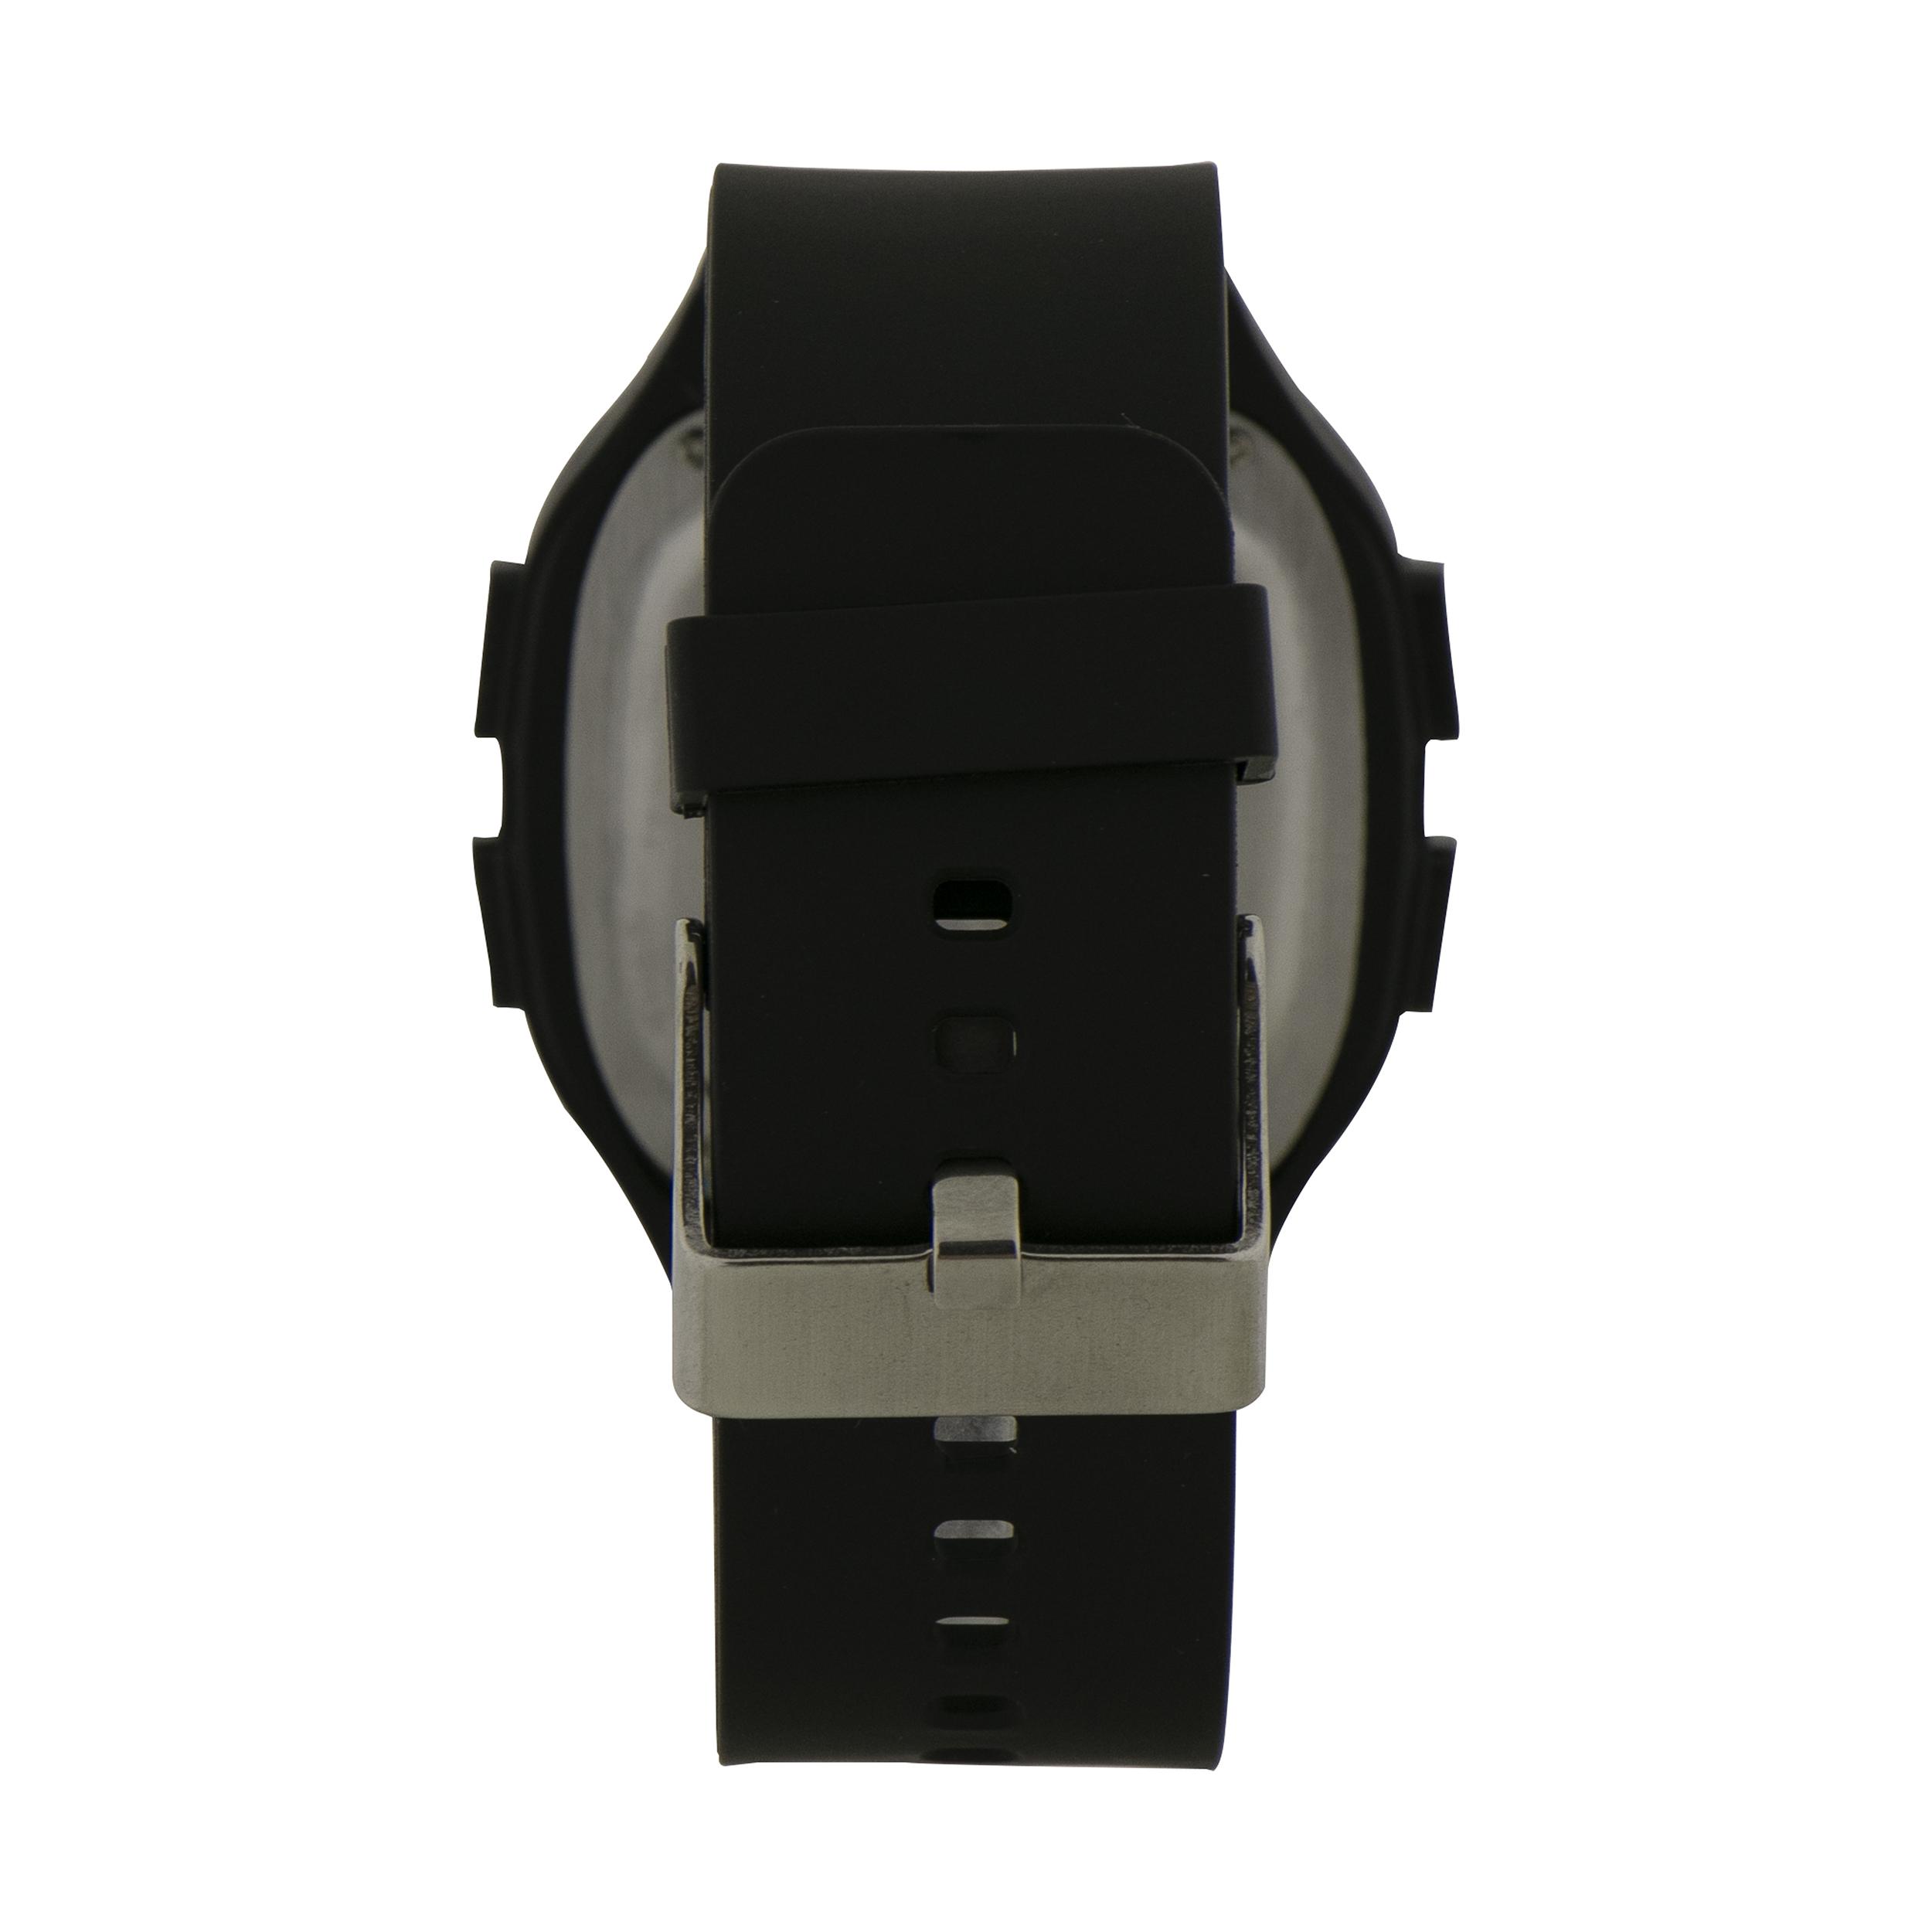 ساعت مچی دیجیتال مردانه پوما کد S20             قیمت